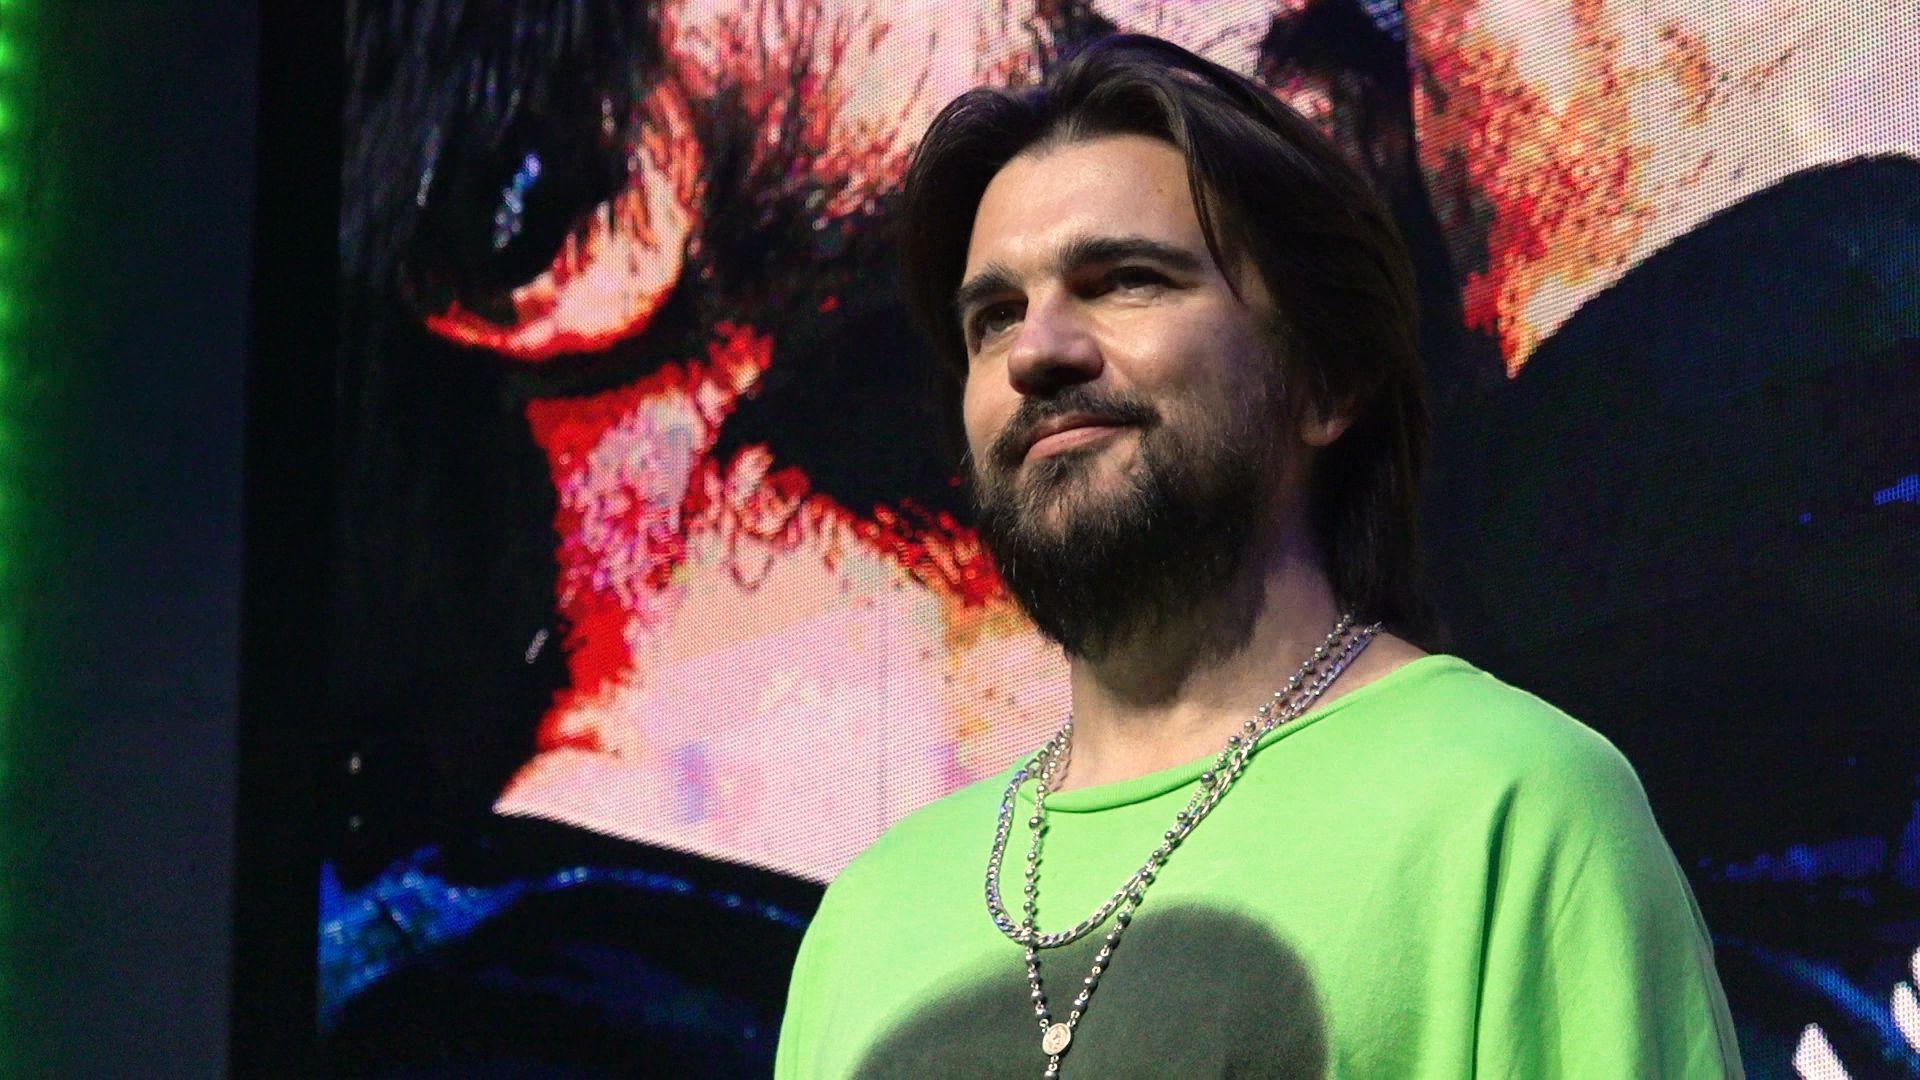 Juanes recibirá el reconocimiento a Persona del Año de La Academia Latina de la Grabación (Foto: Infobae)